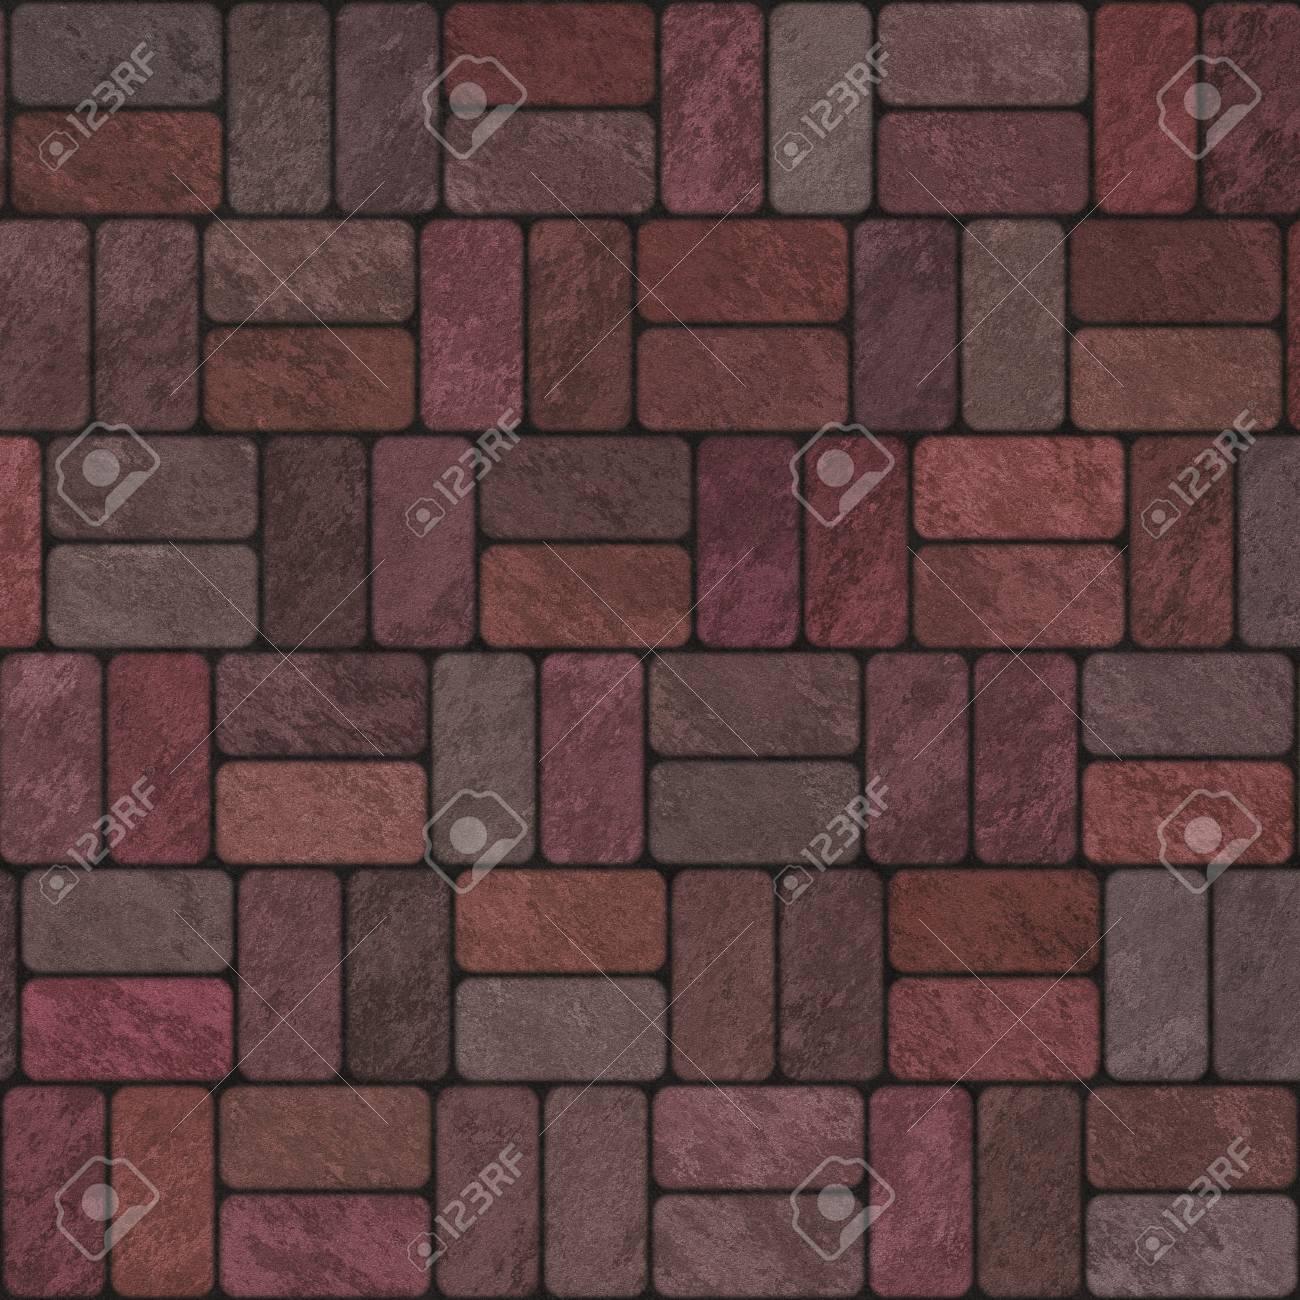 stone background Stock Photo - 13095162